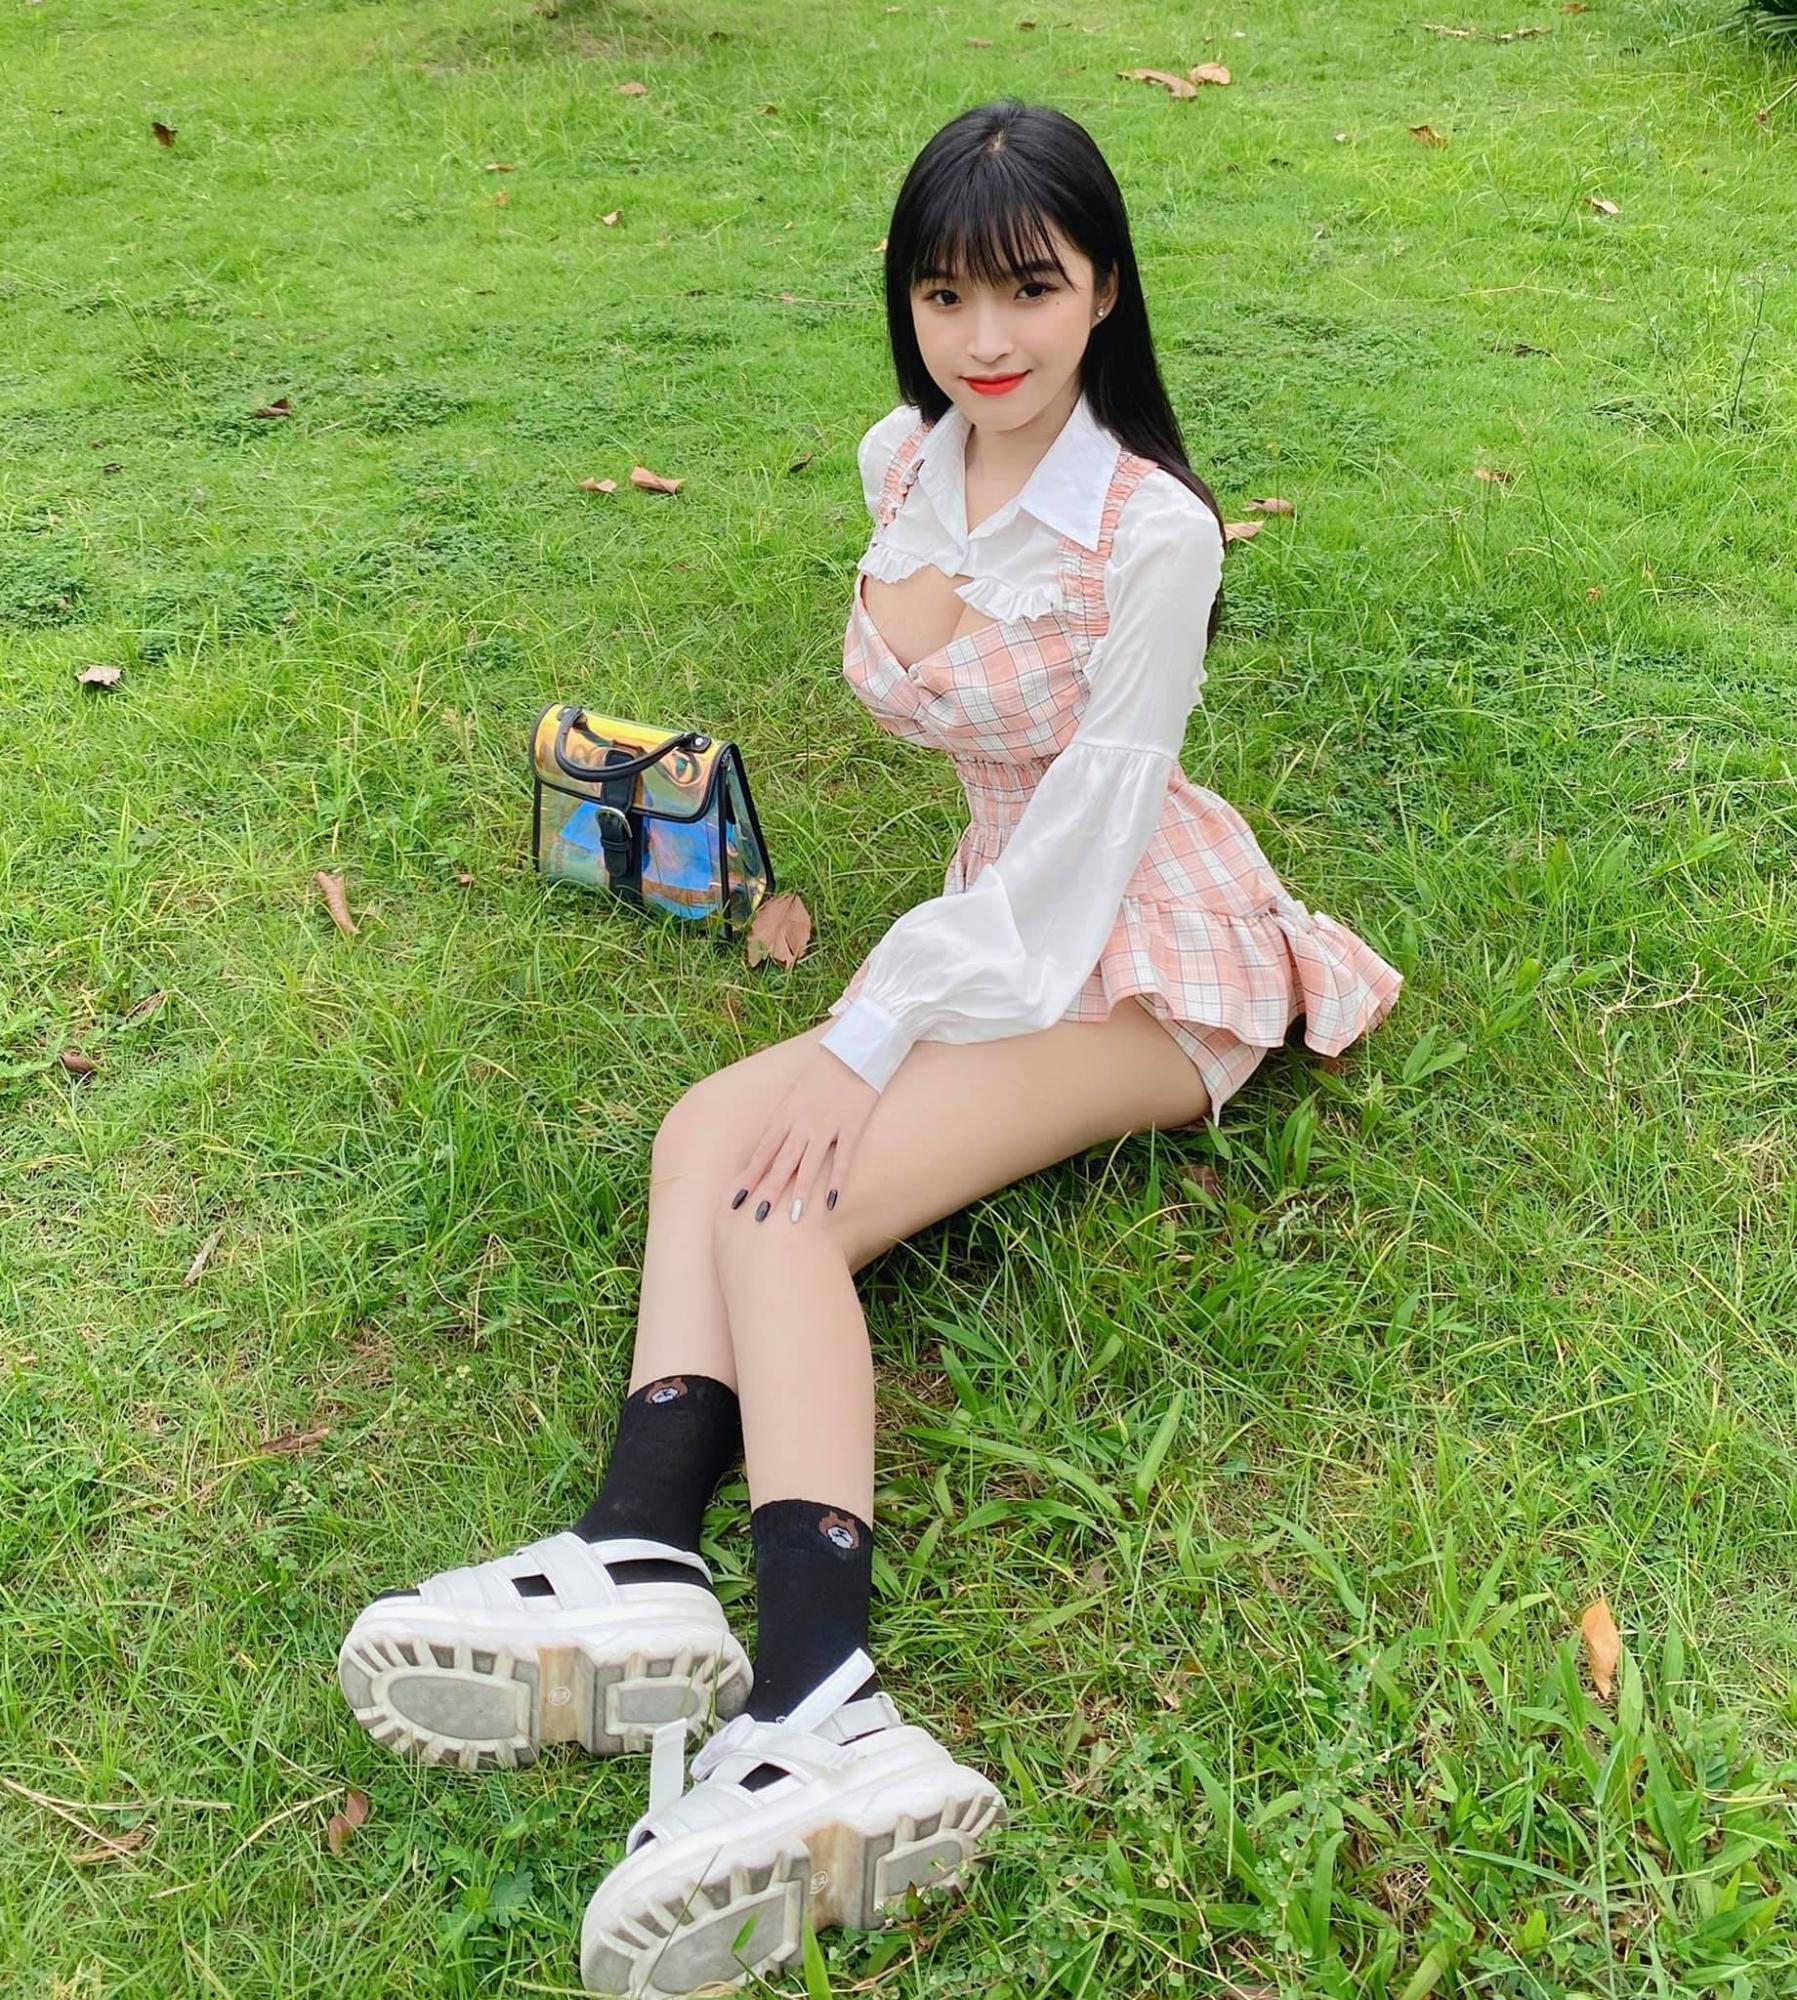 图片[23]-去年穿奥黛爆红!18 岁「越南学生妹」爆近照曝光网惊:风格变好多-福利巴士